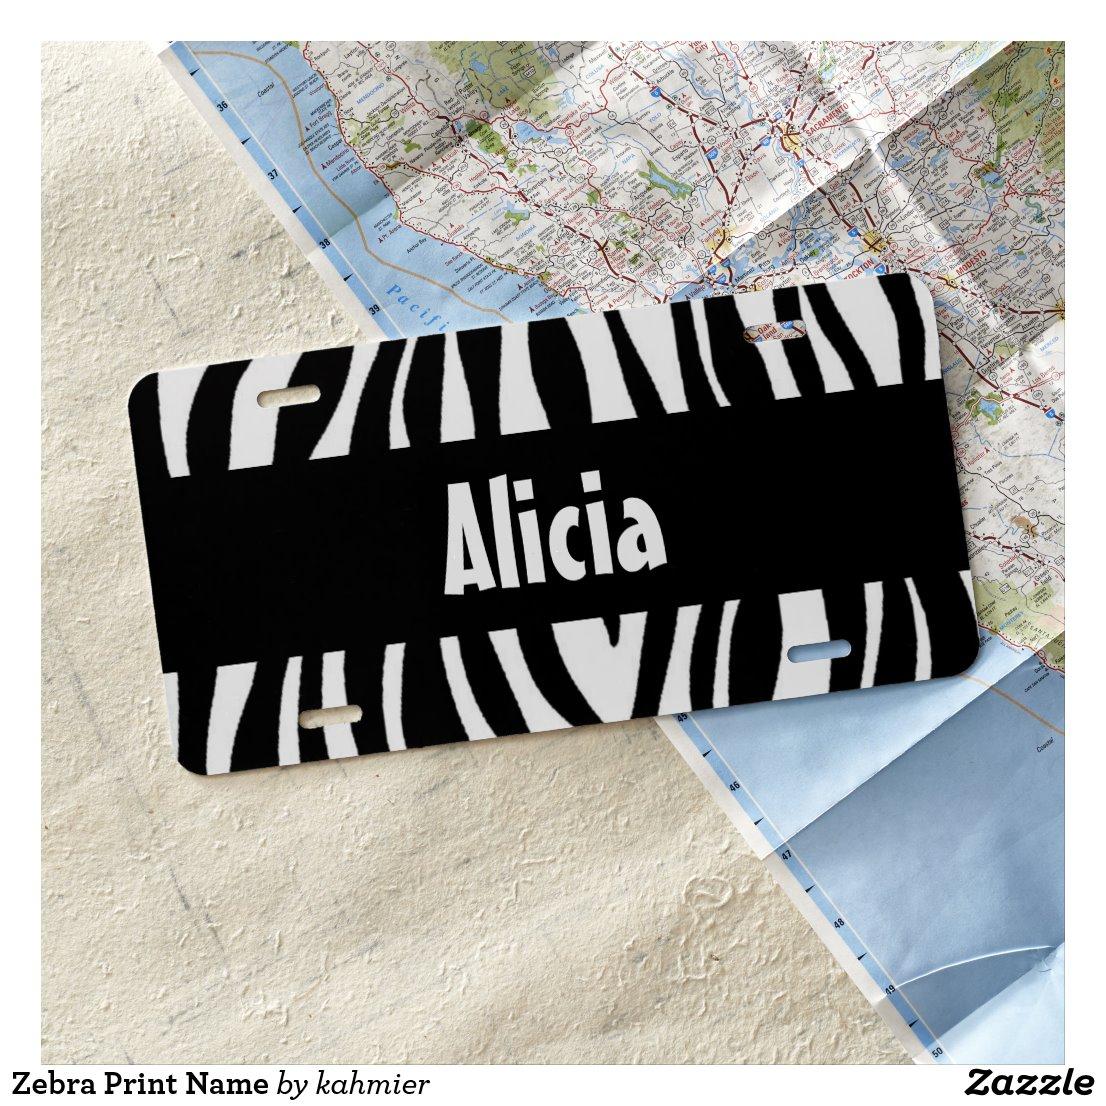 Zebra Print Name License Plate